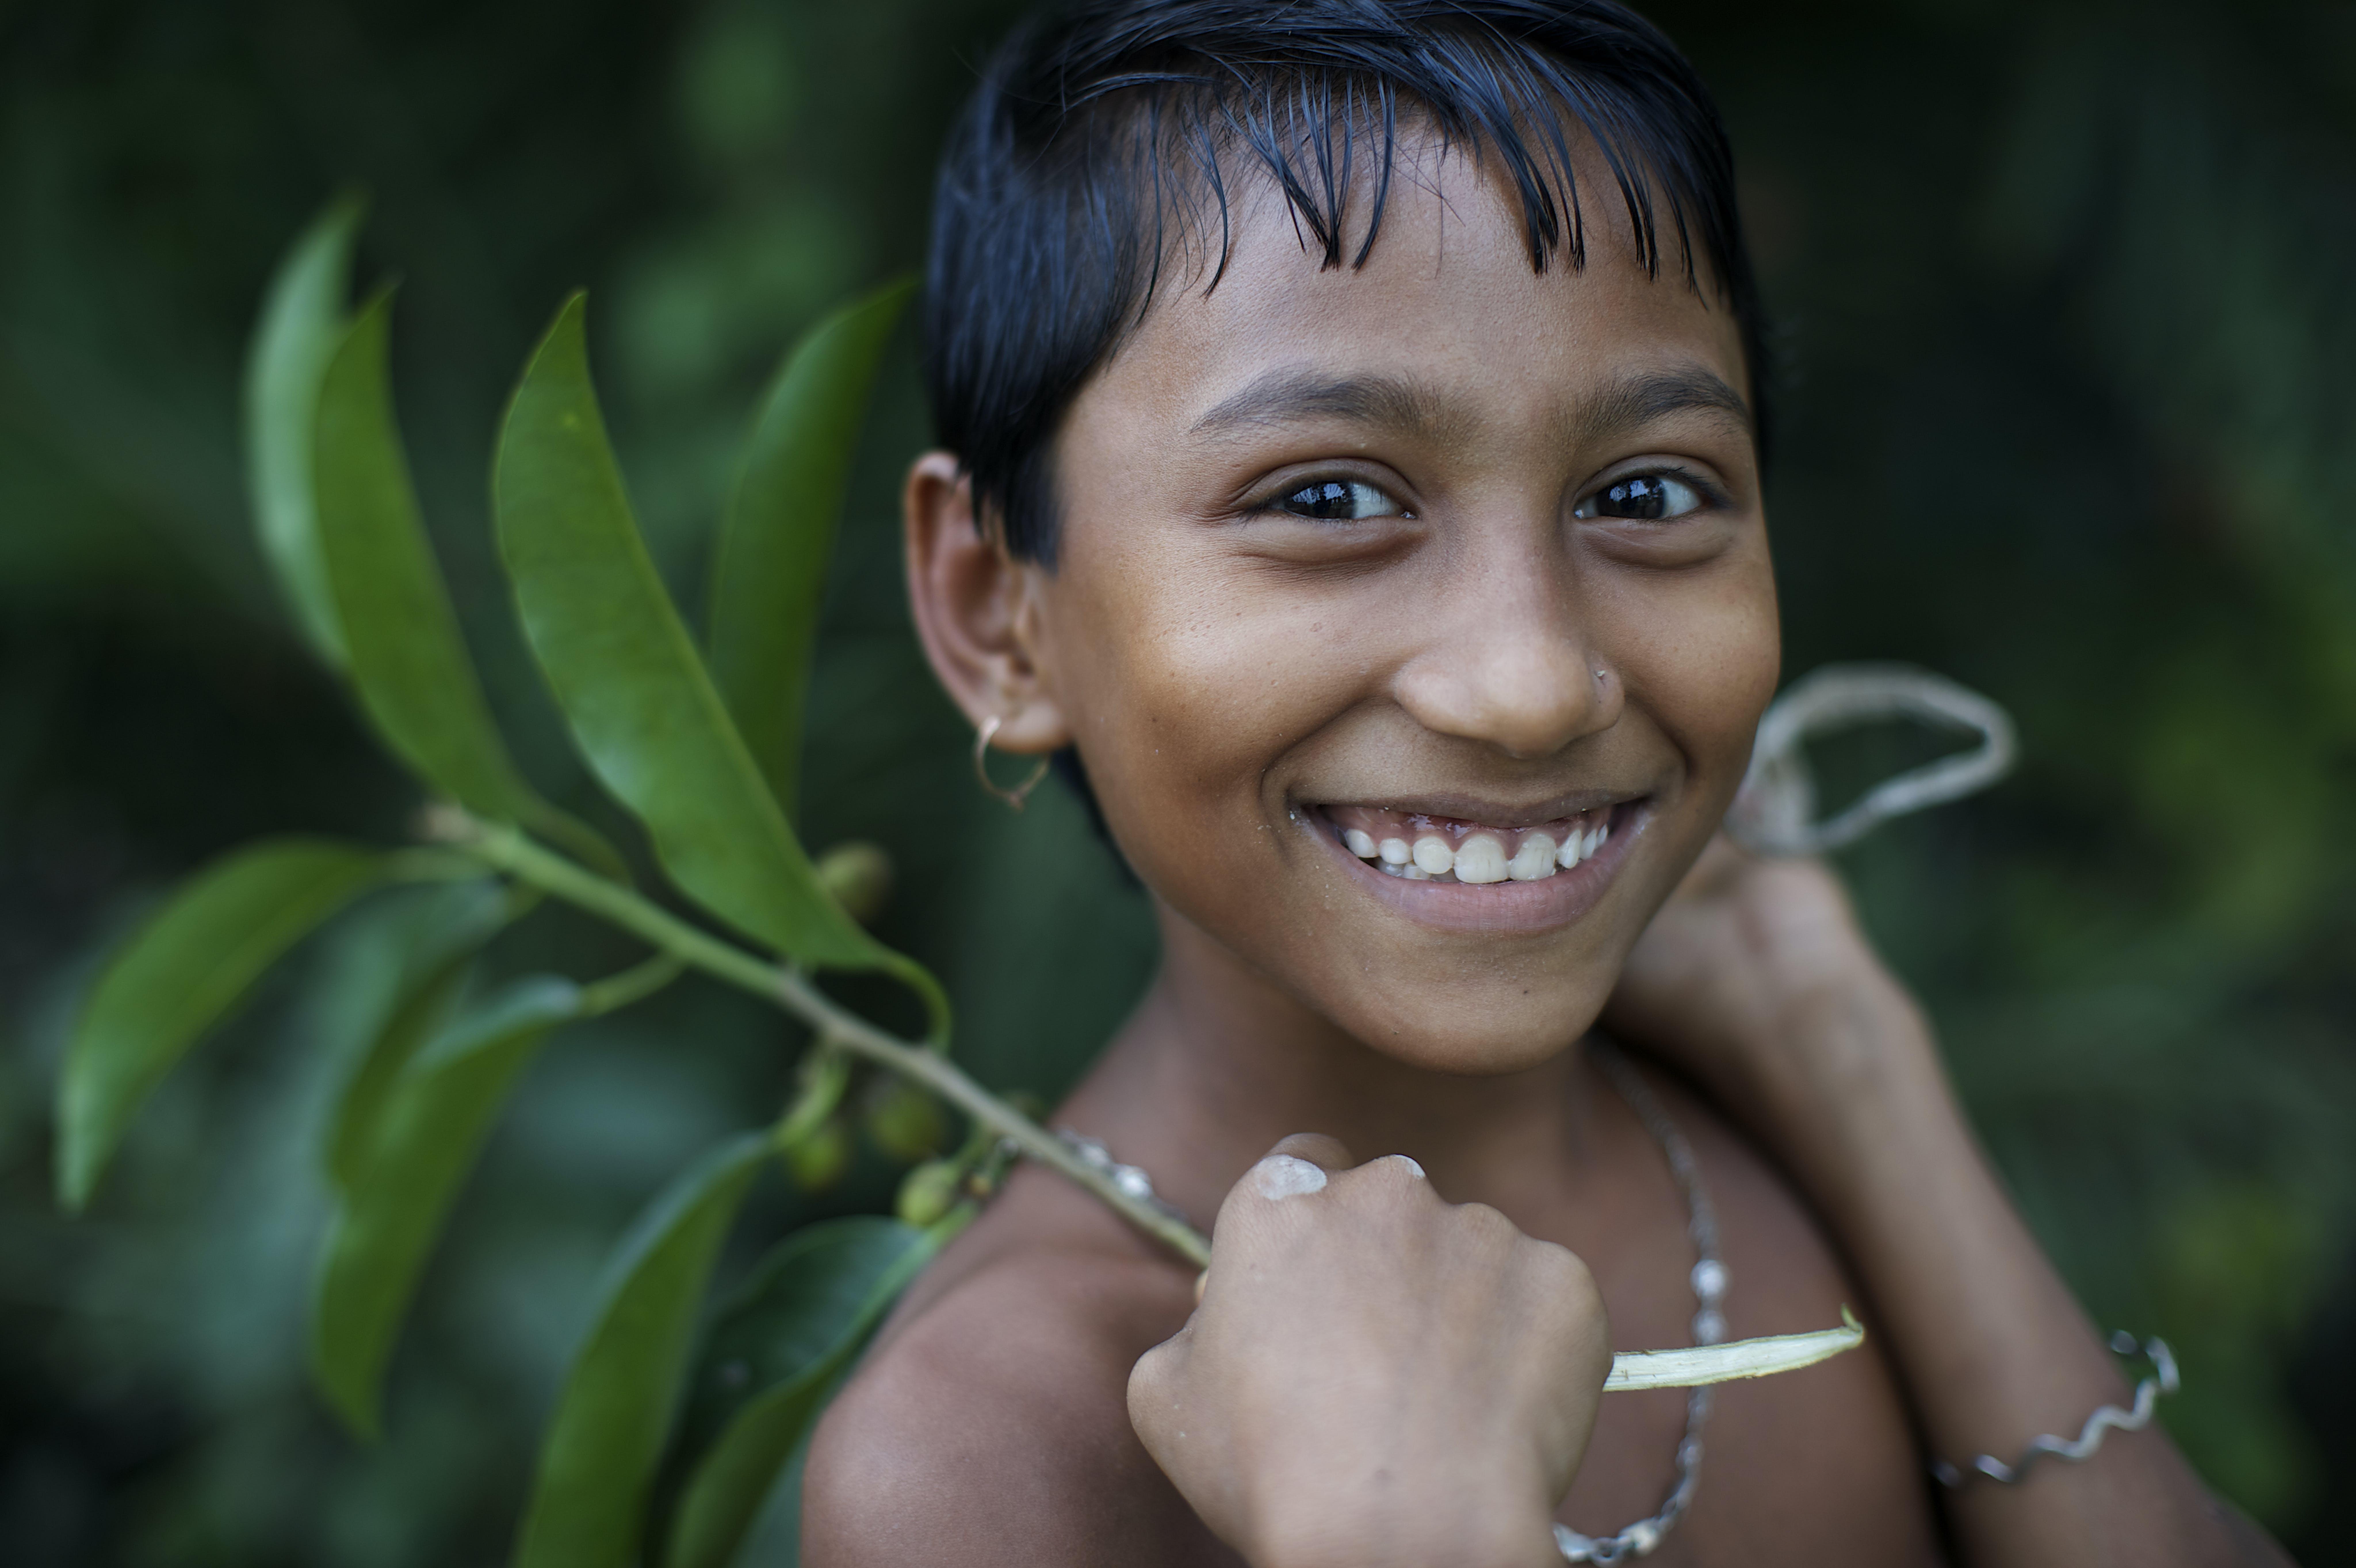 Una bambina con una fronda in mano sorride nel villaggio di Kalaboho, in Bangladesh